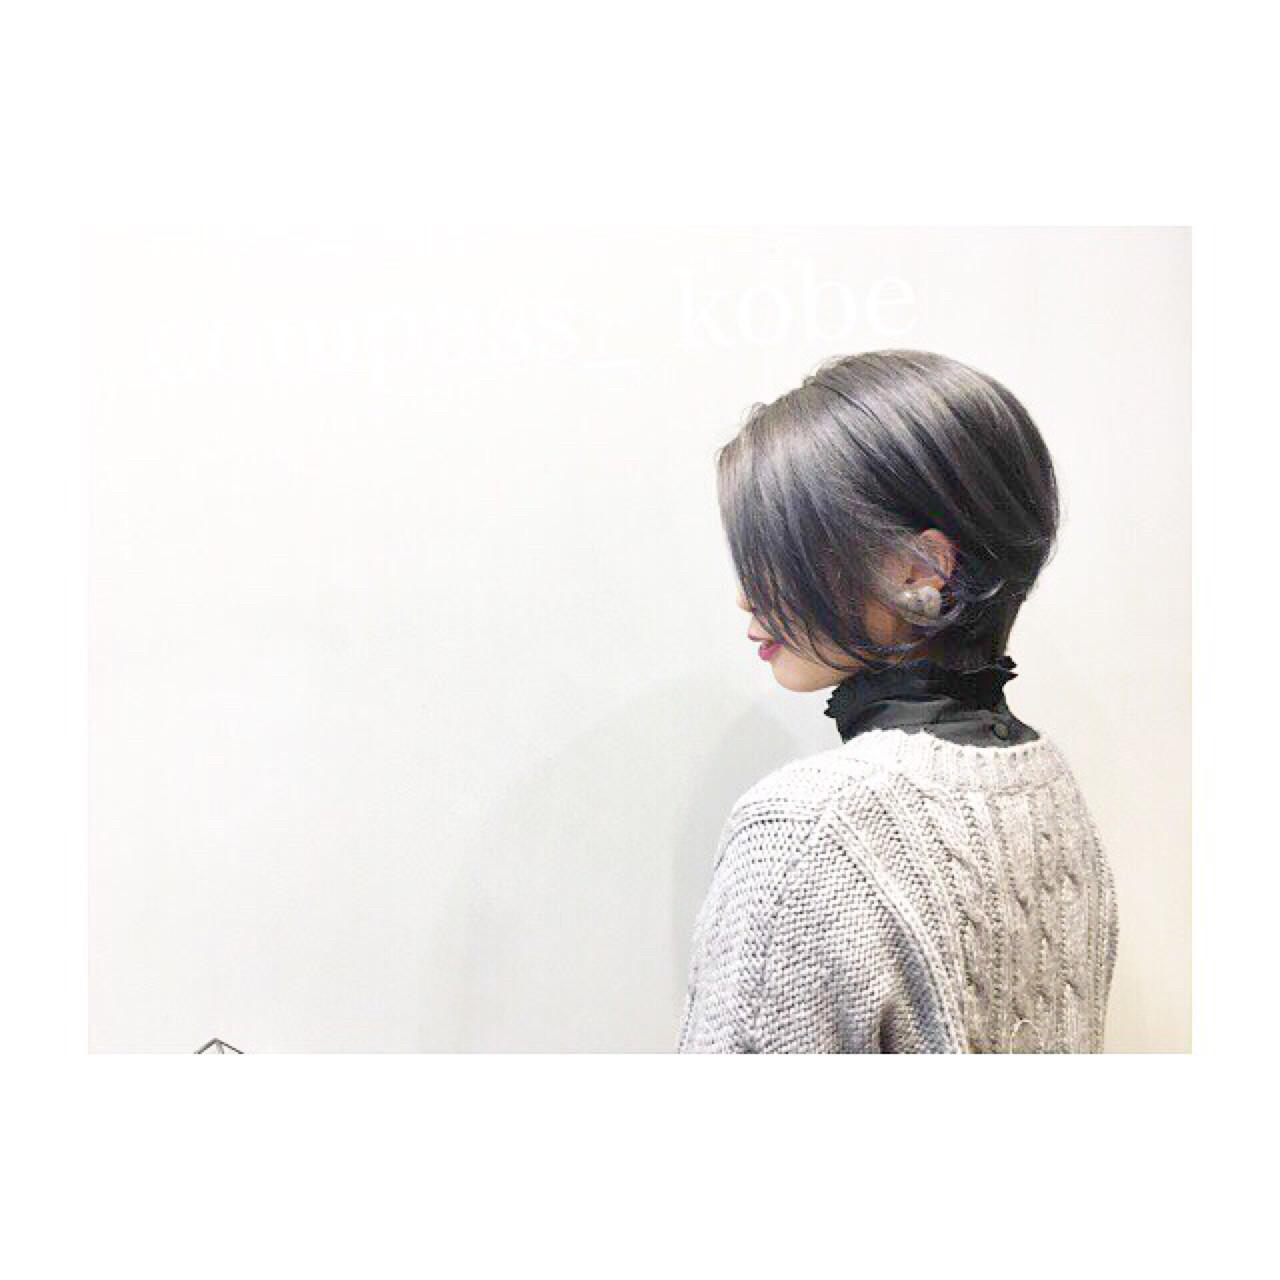 ショート ナチュラル ゆるふわ 愛され ヘアスタイルや髪型の写真・画像 | COM PASS 太一 / COM PASS